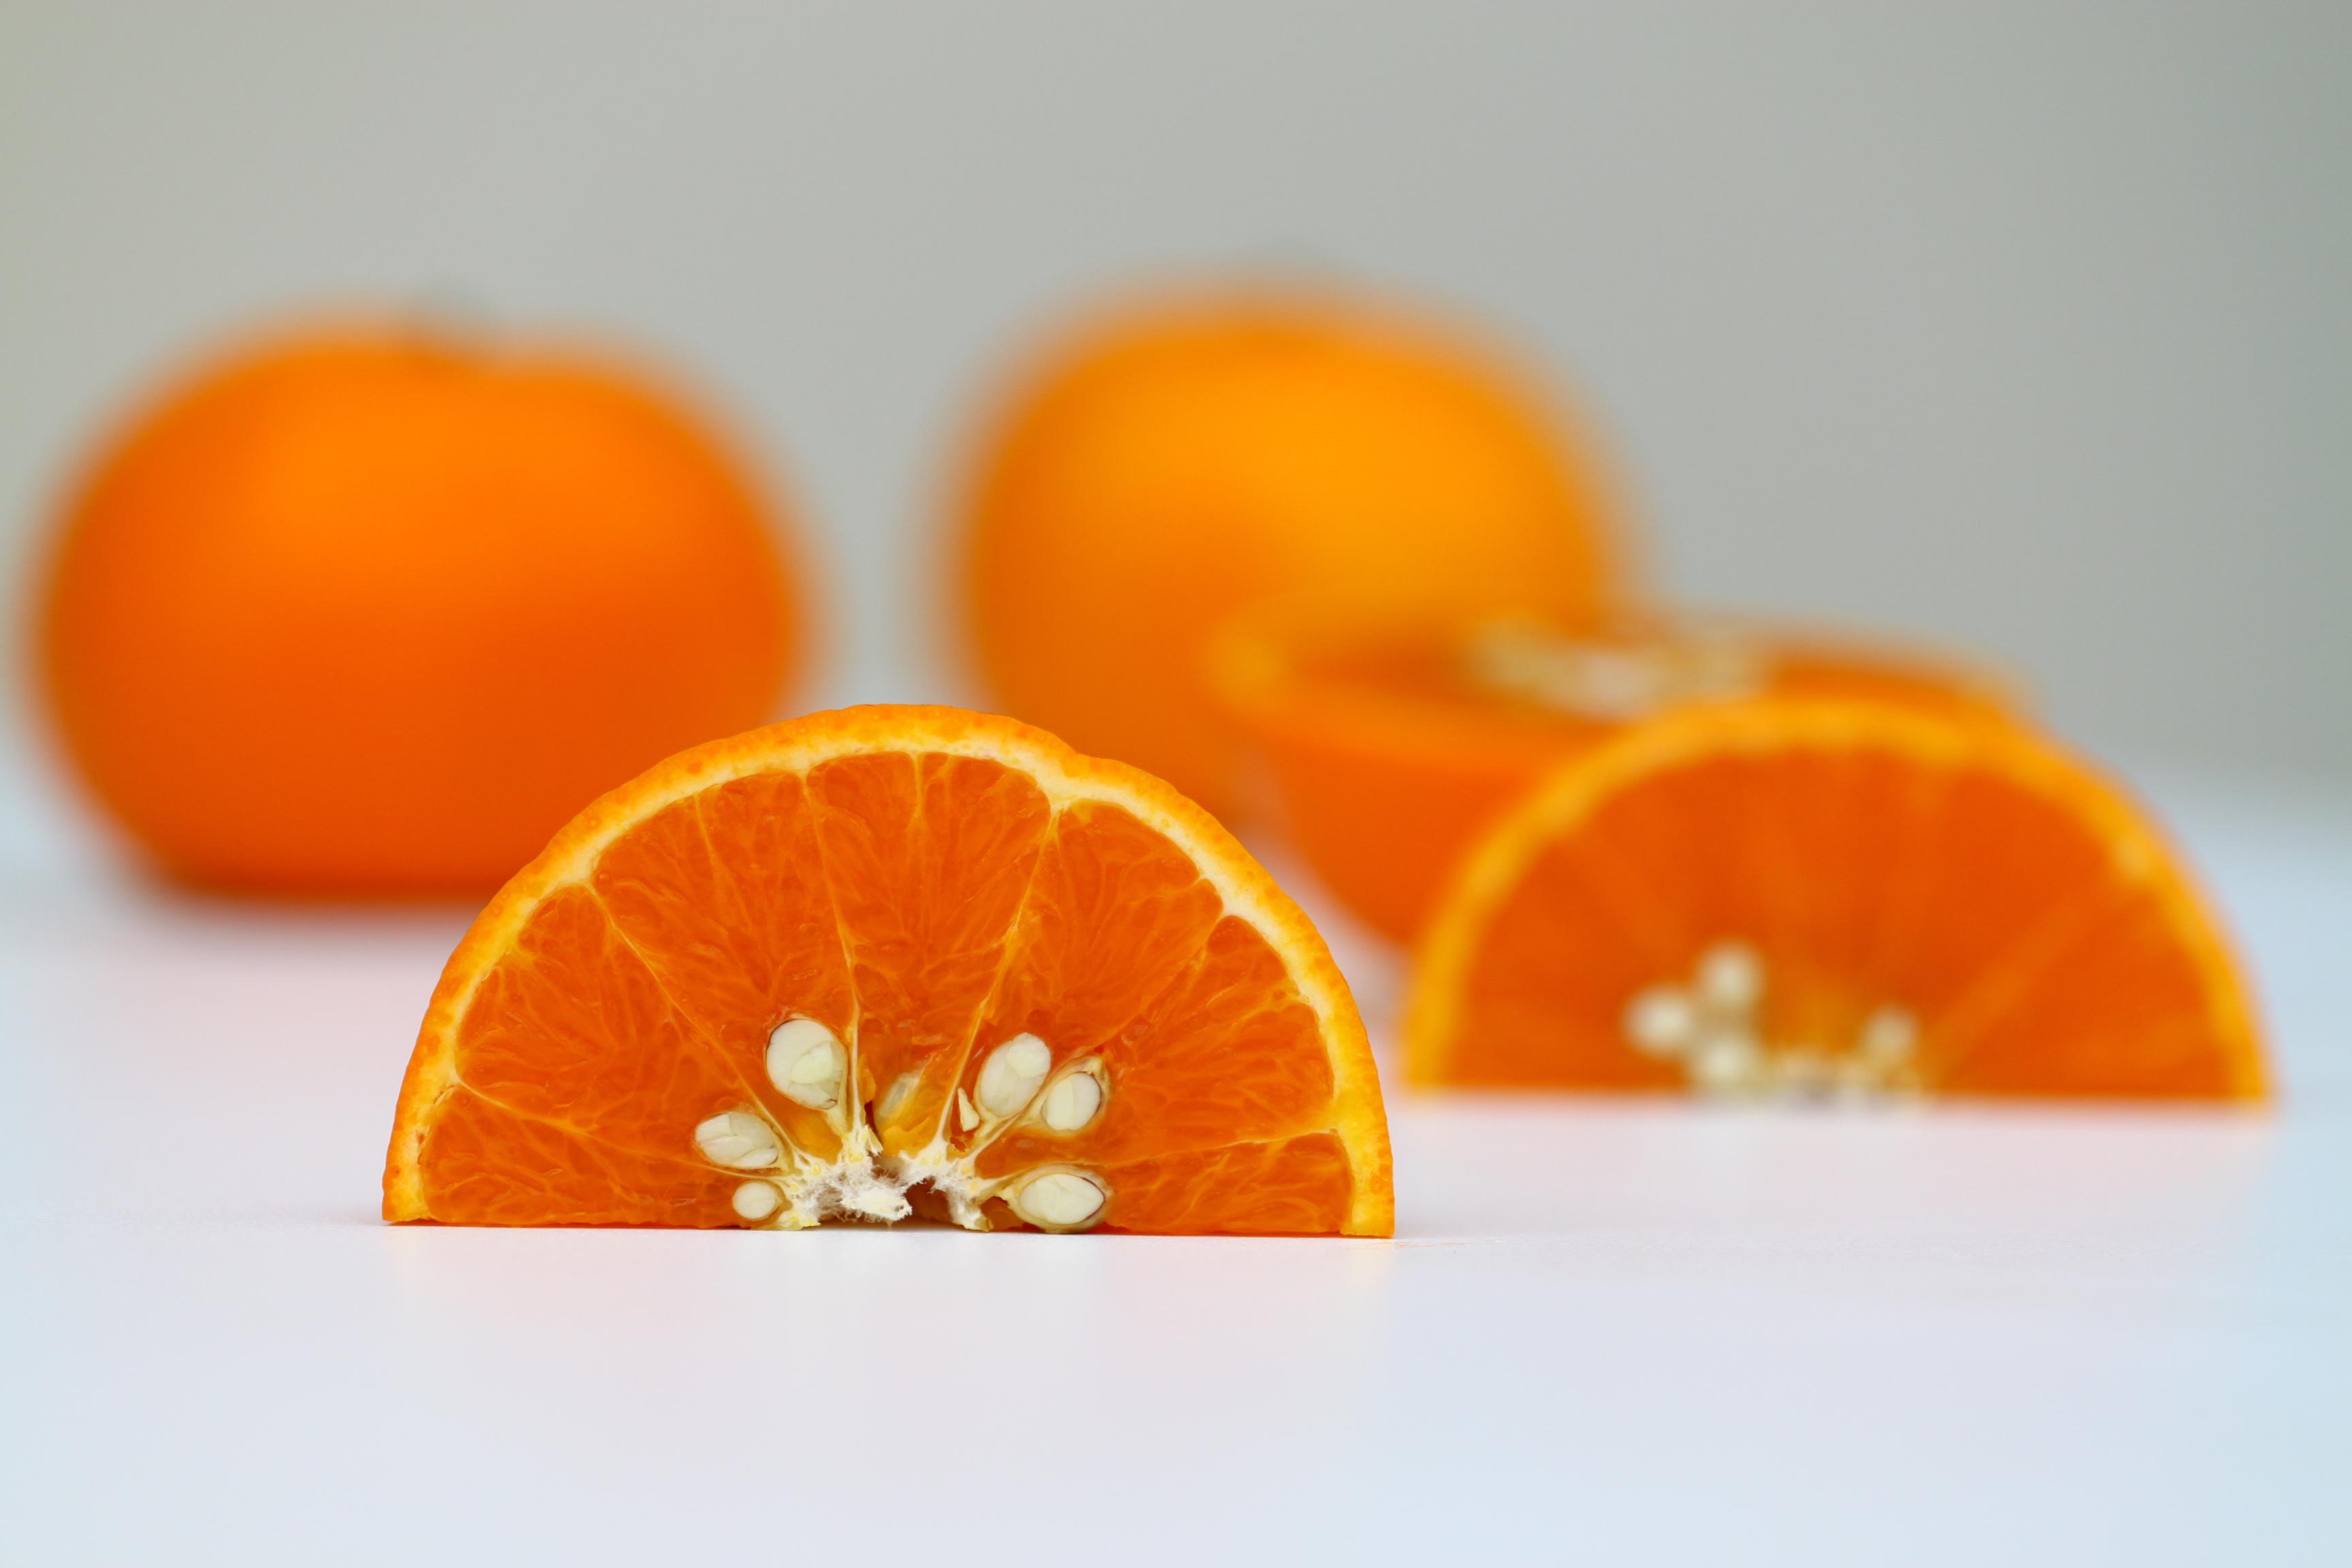 Разрезанный апельсин, фото, обои для рабочего стола